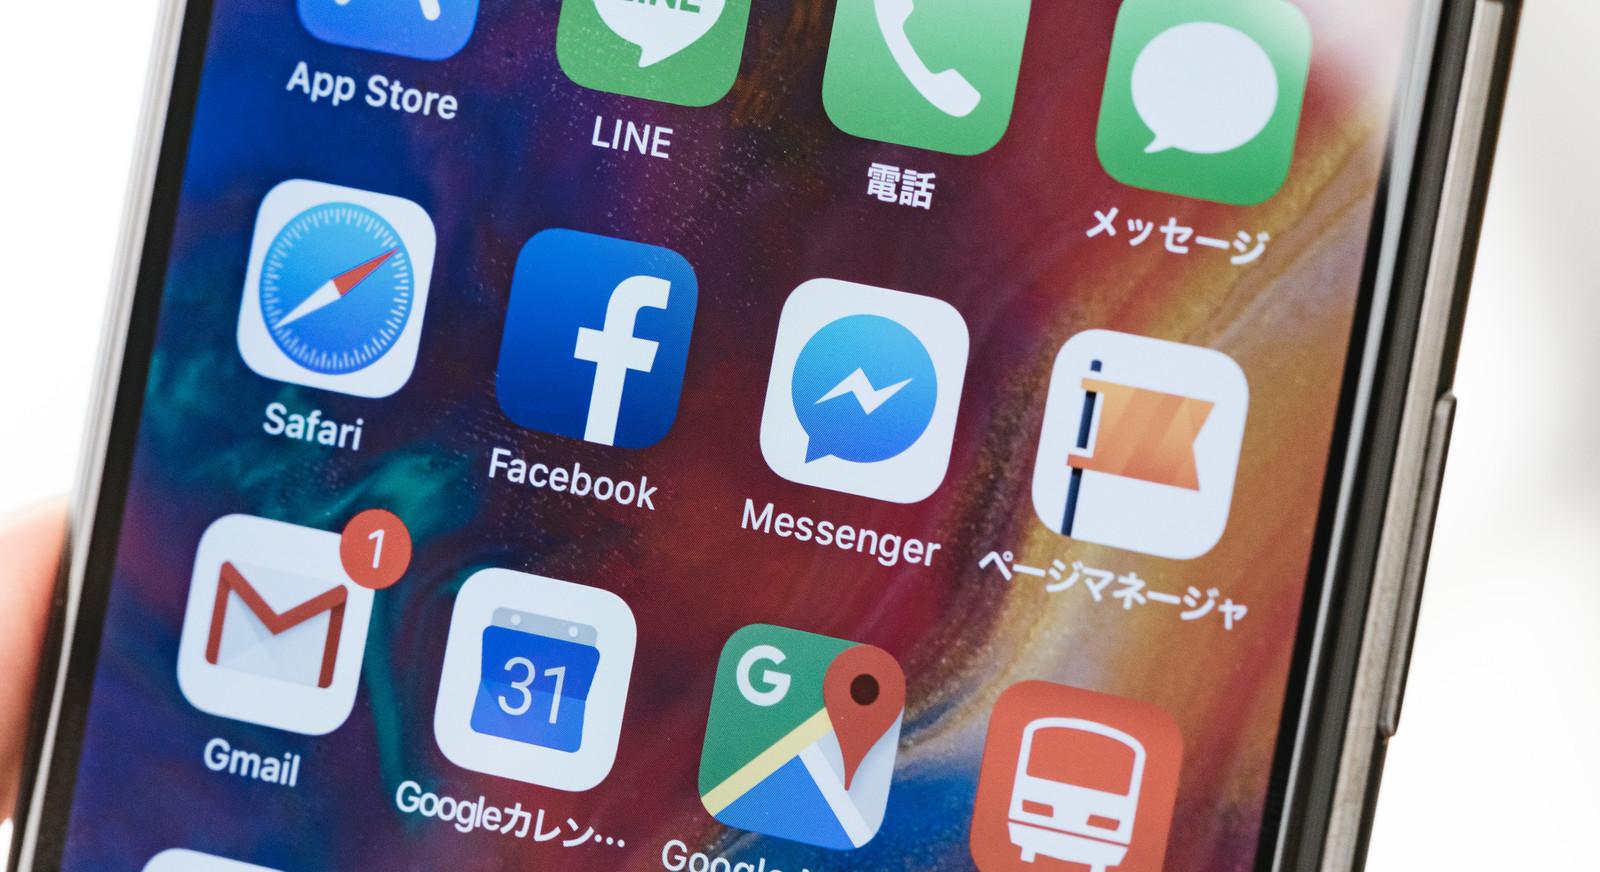 アイコン 画面 Iphone ホーム